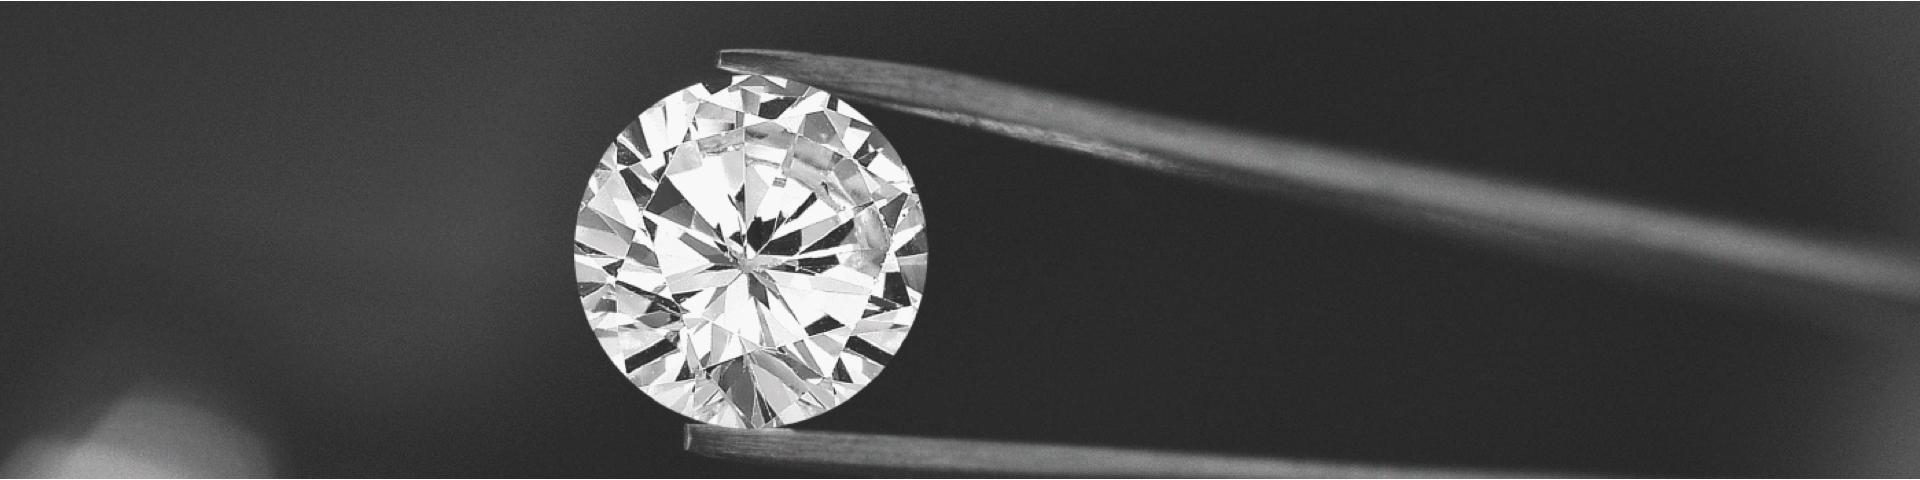 How to buy diamonds